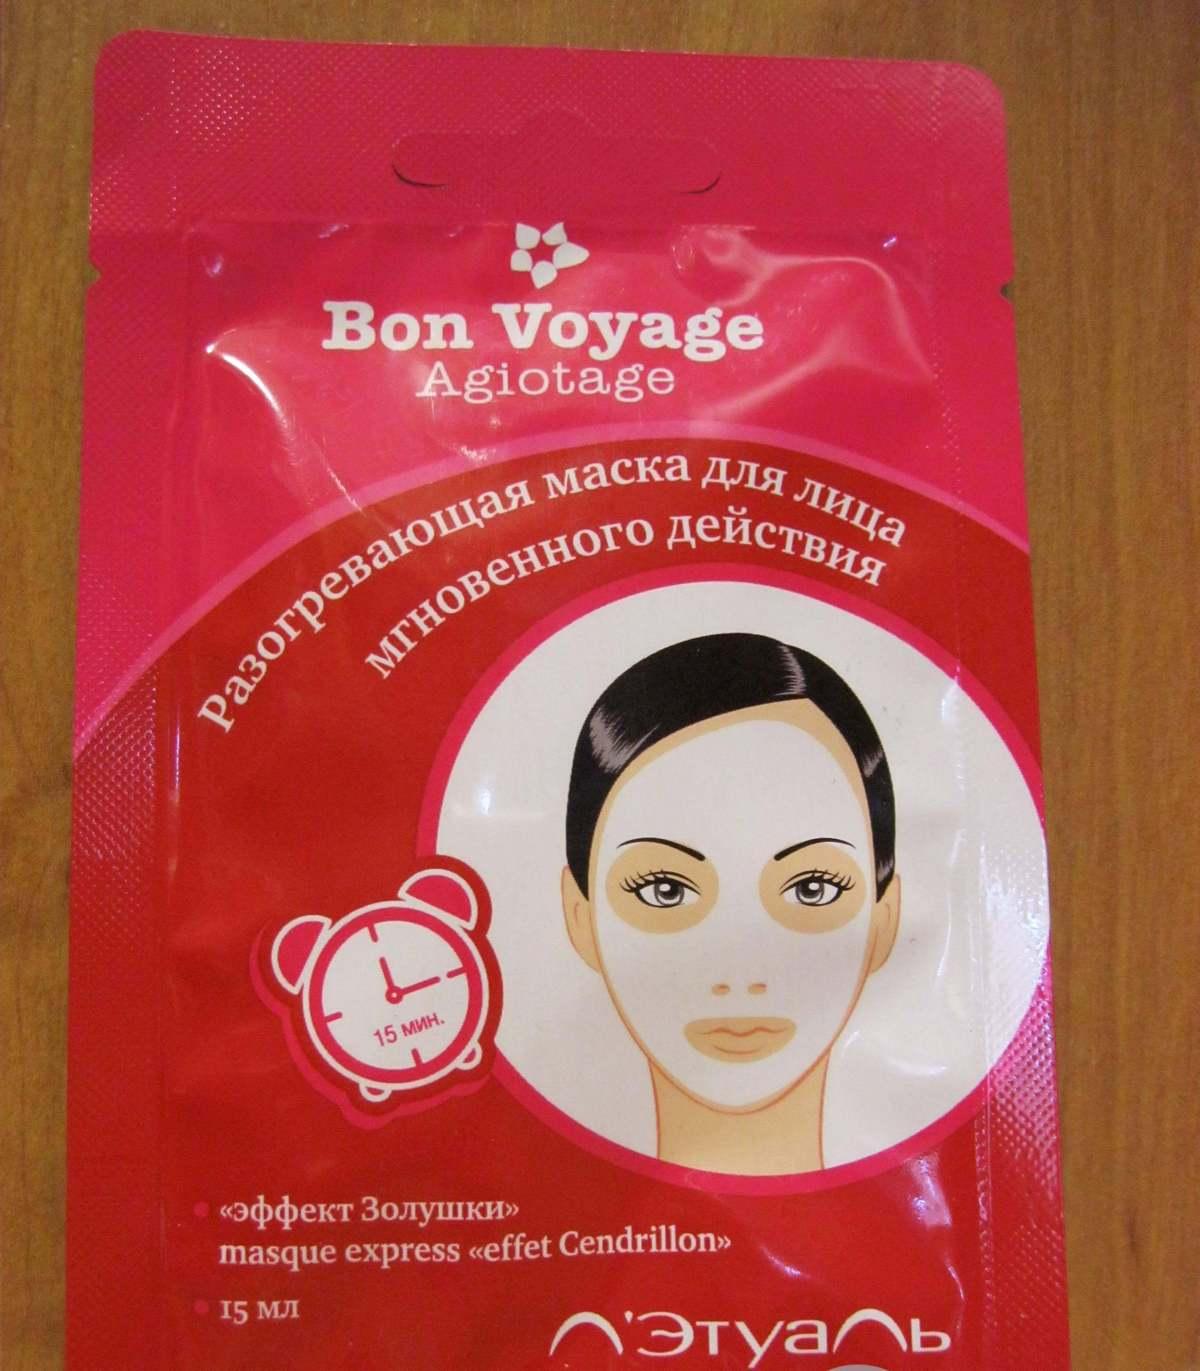 Разогревающую маску используют для того, чтобы очистить поры, устранить шелушение, повысить упругость и эластичность кожи лица